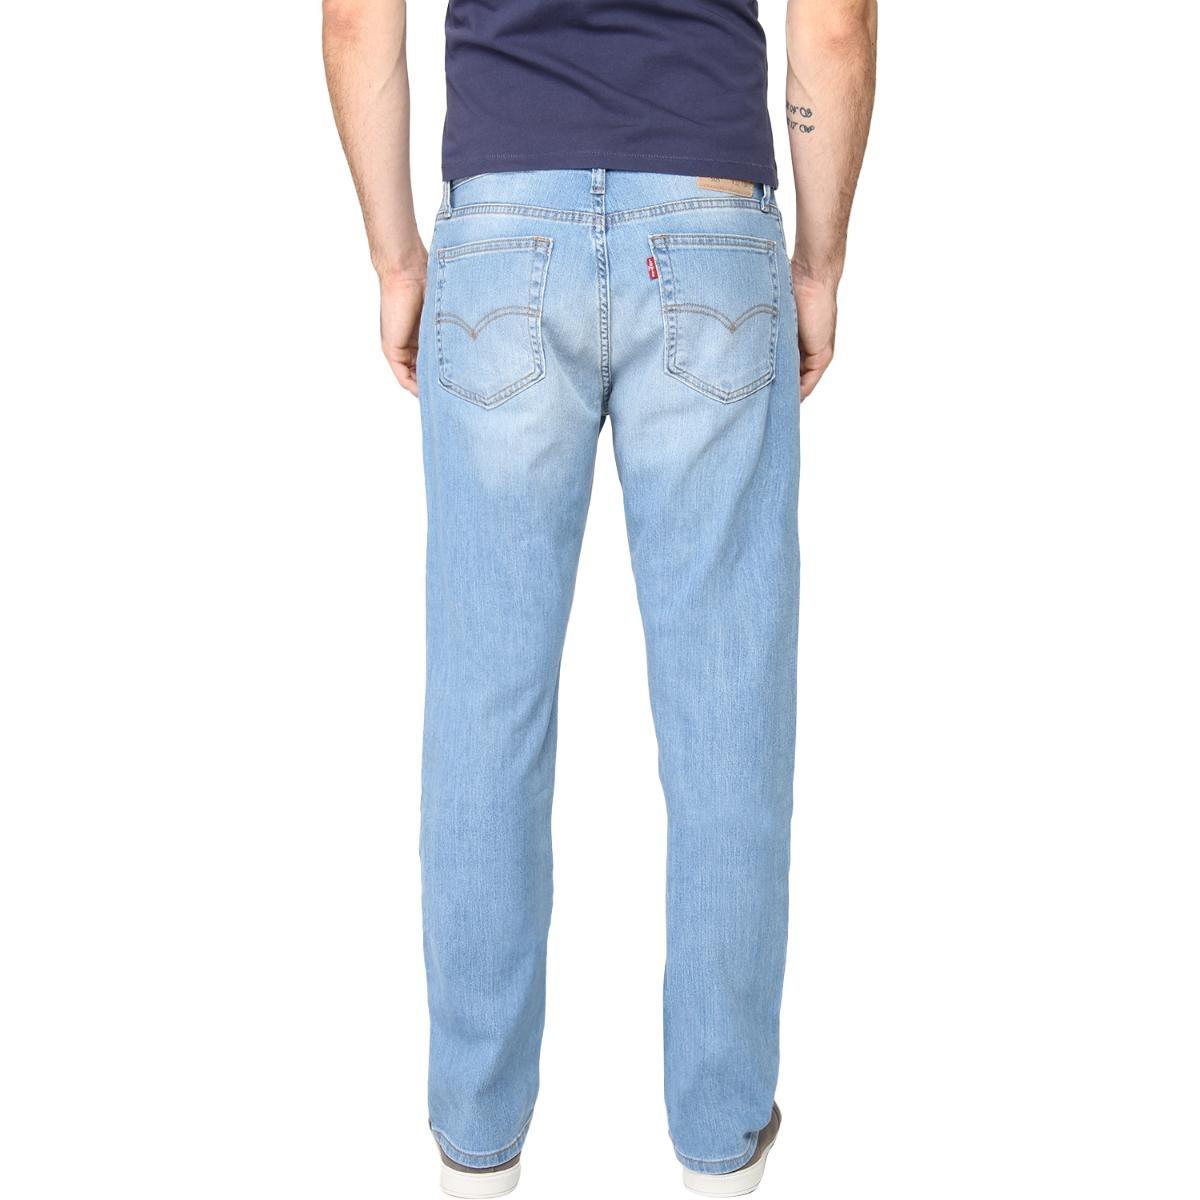 6eece0dd04238 calça jeans levis masculino 505 regular fit azul claro. Carregando zoom.